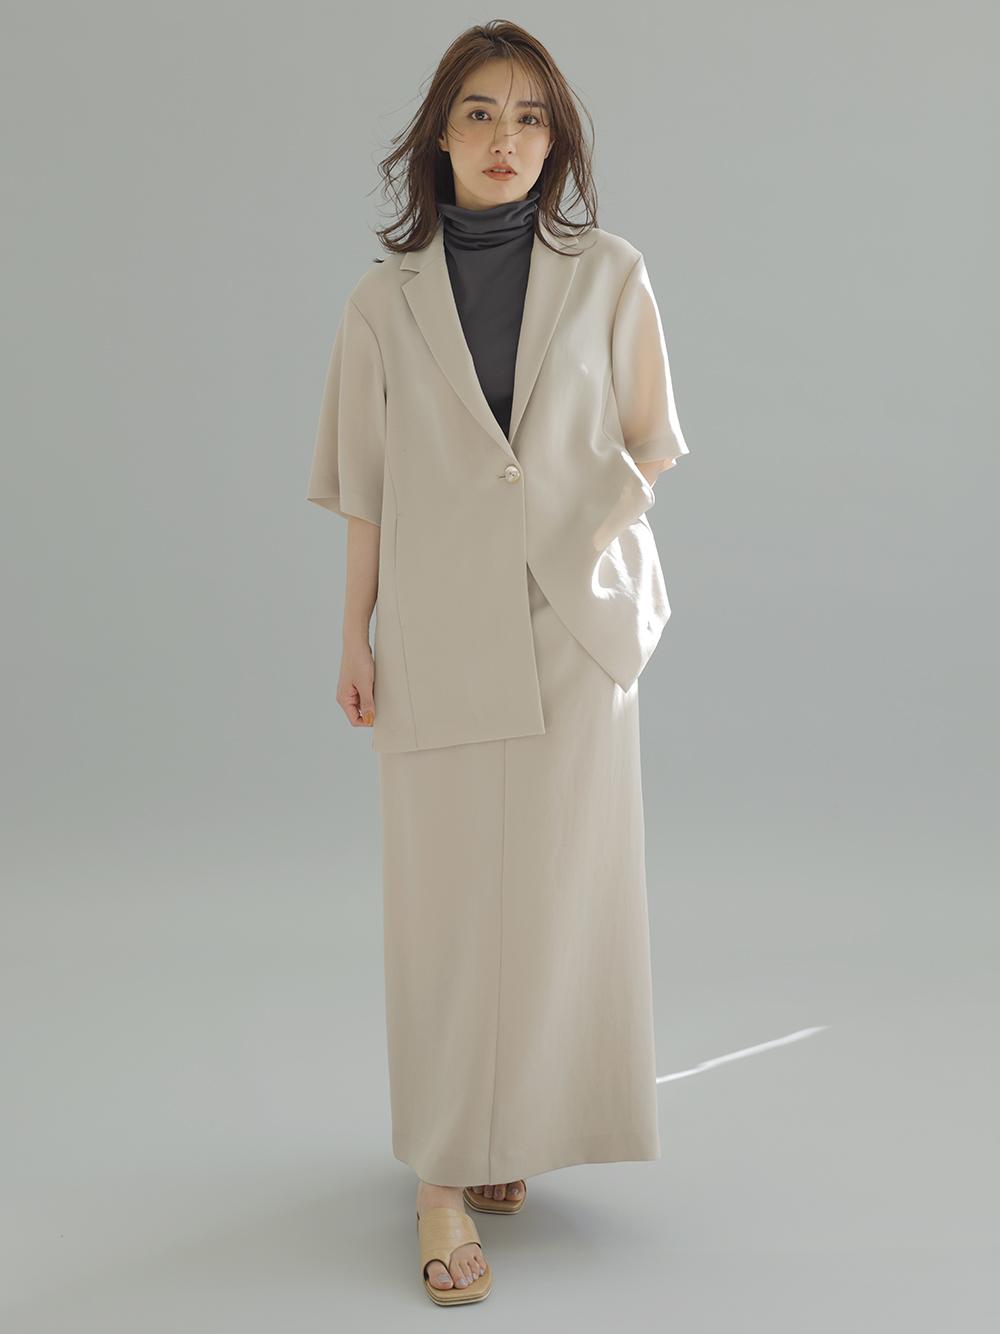 嫘縈窄版長裙